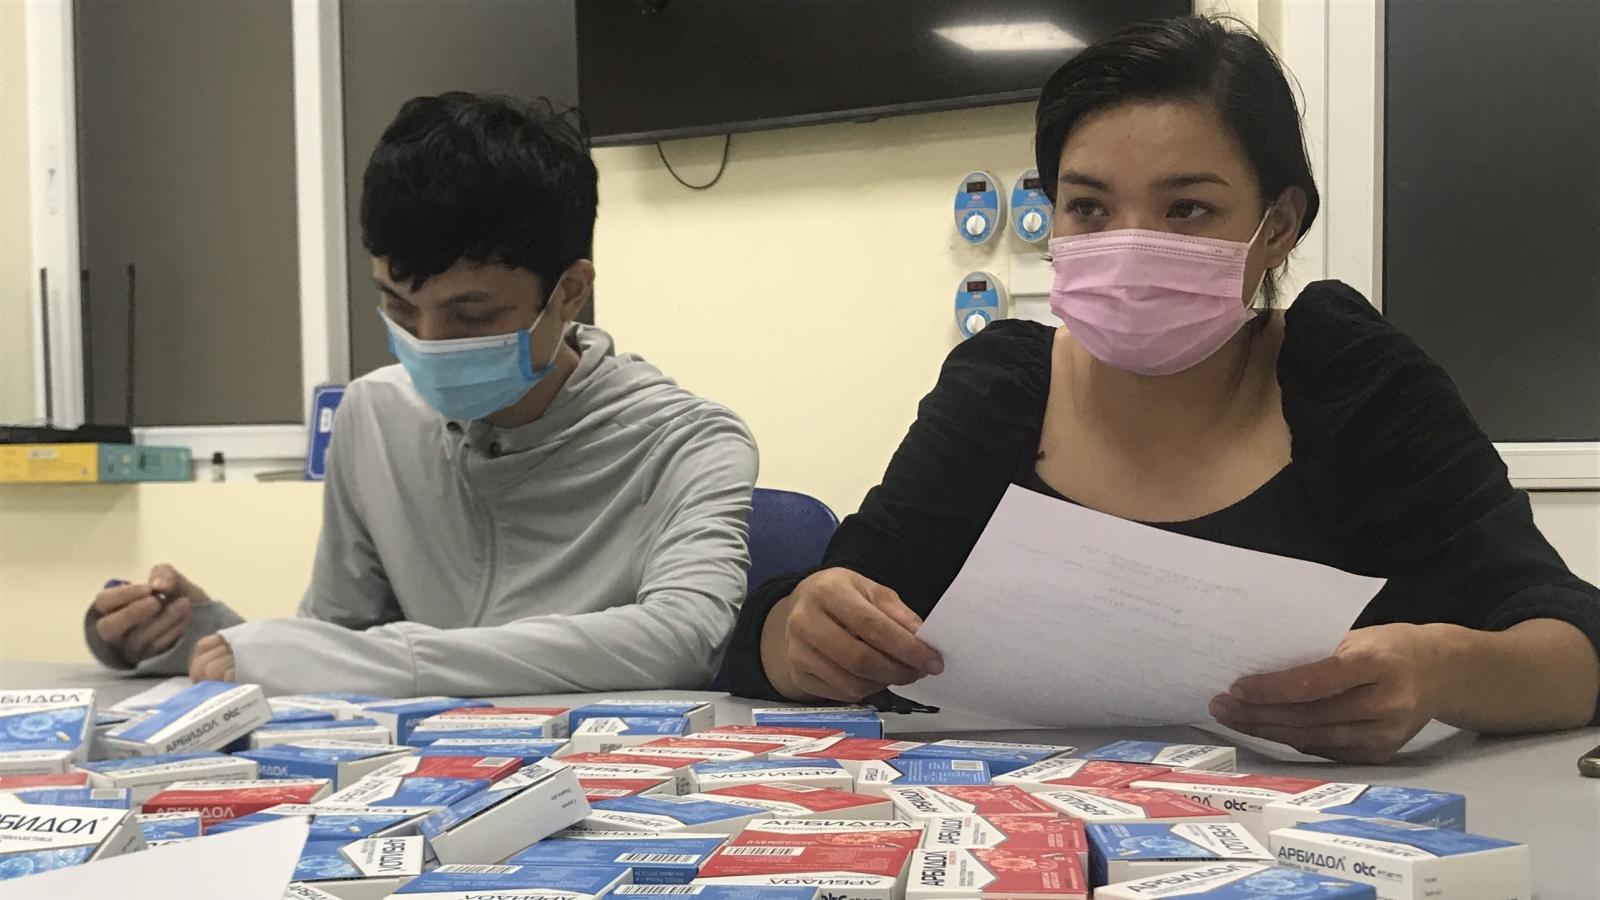 Phát hiện hàng nghìn viên thuốc điều trị Covid-19 nhập lậu tại Hà Nội